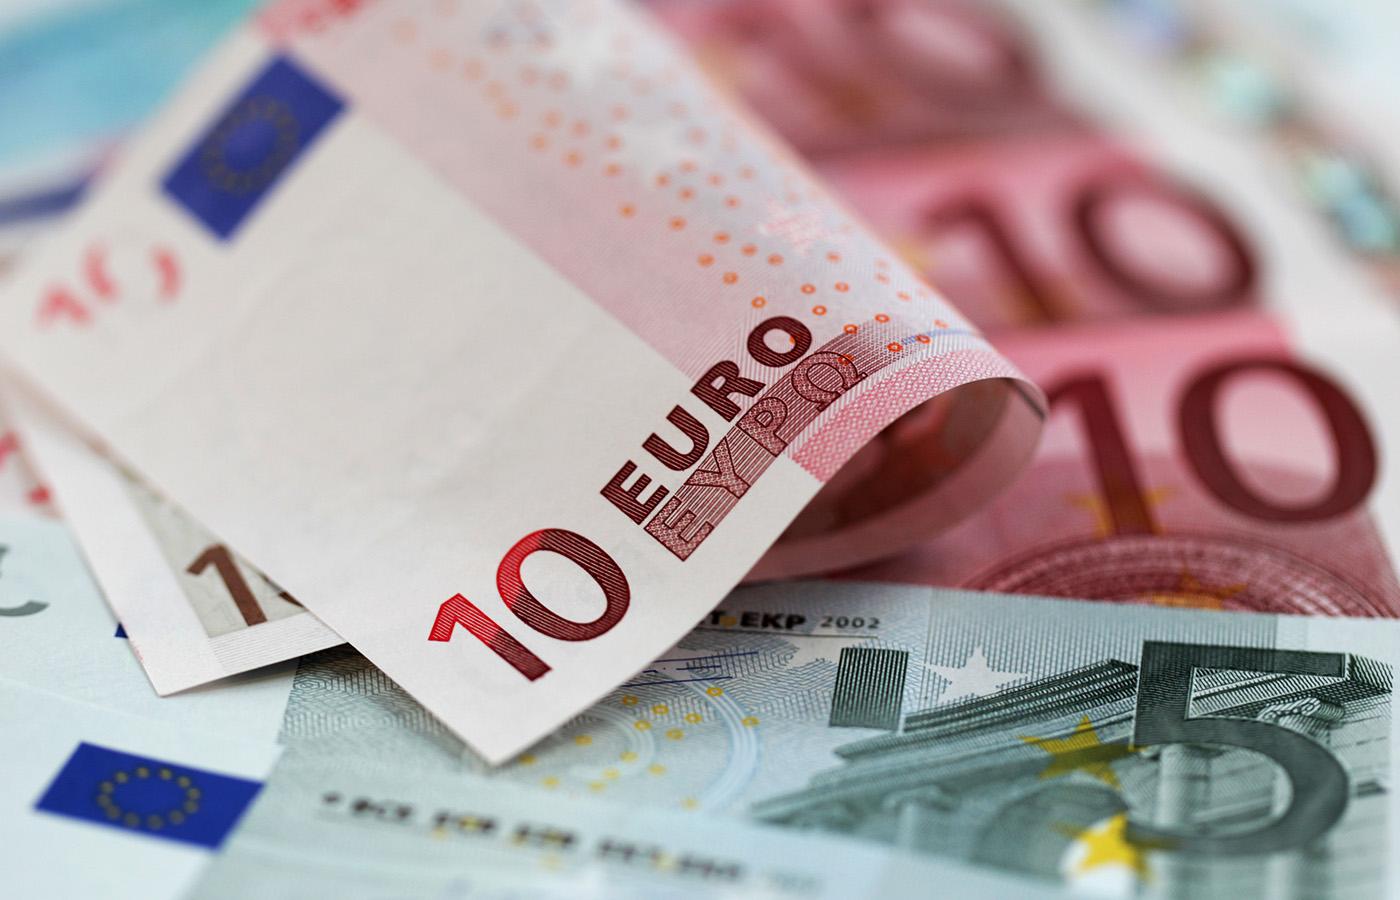 100 Empleados reciben 57.000€ como incentivo… Harías lo mismo - GONZÁLEZ ABOGADOS Y ASESORES, GONZÁLEZ ABOGADOS, ABOGADOS, ASESORES, EMPRESA